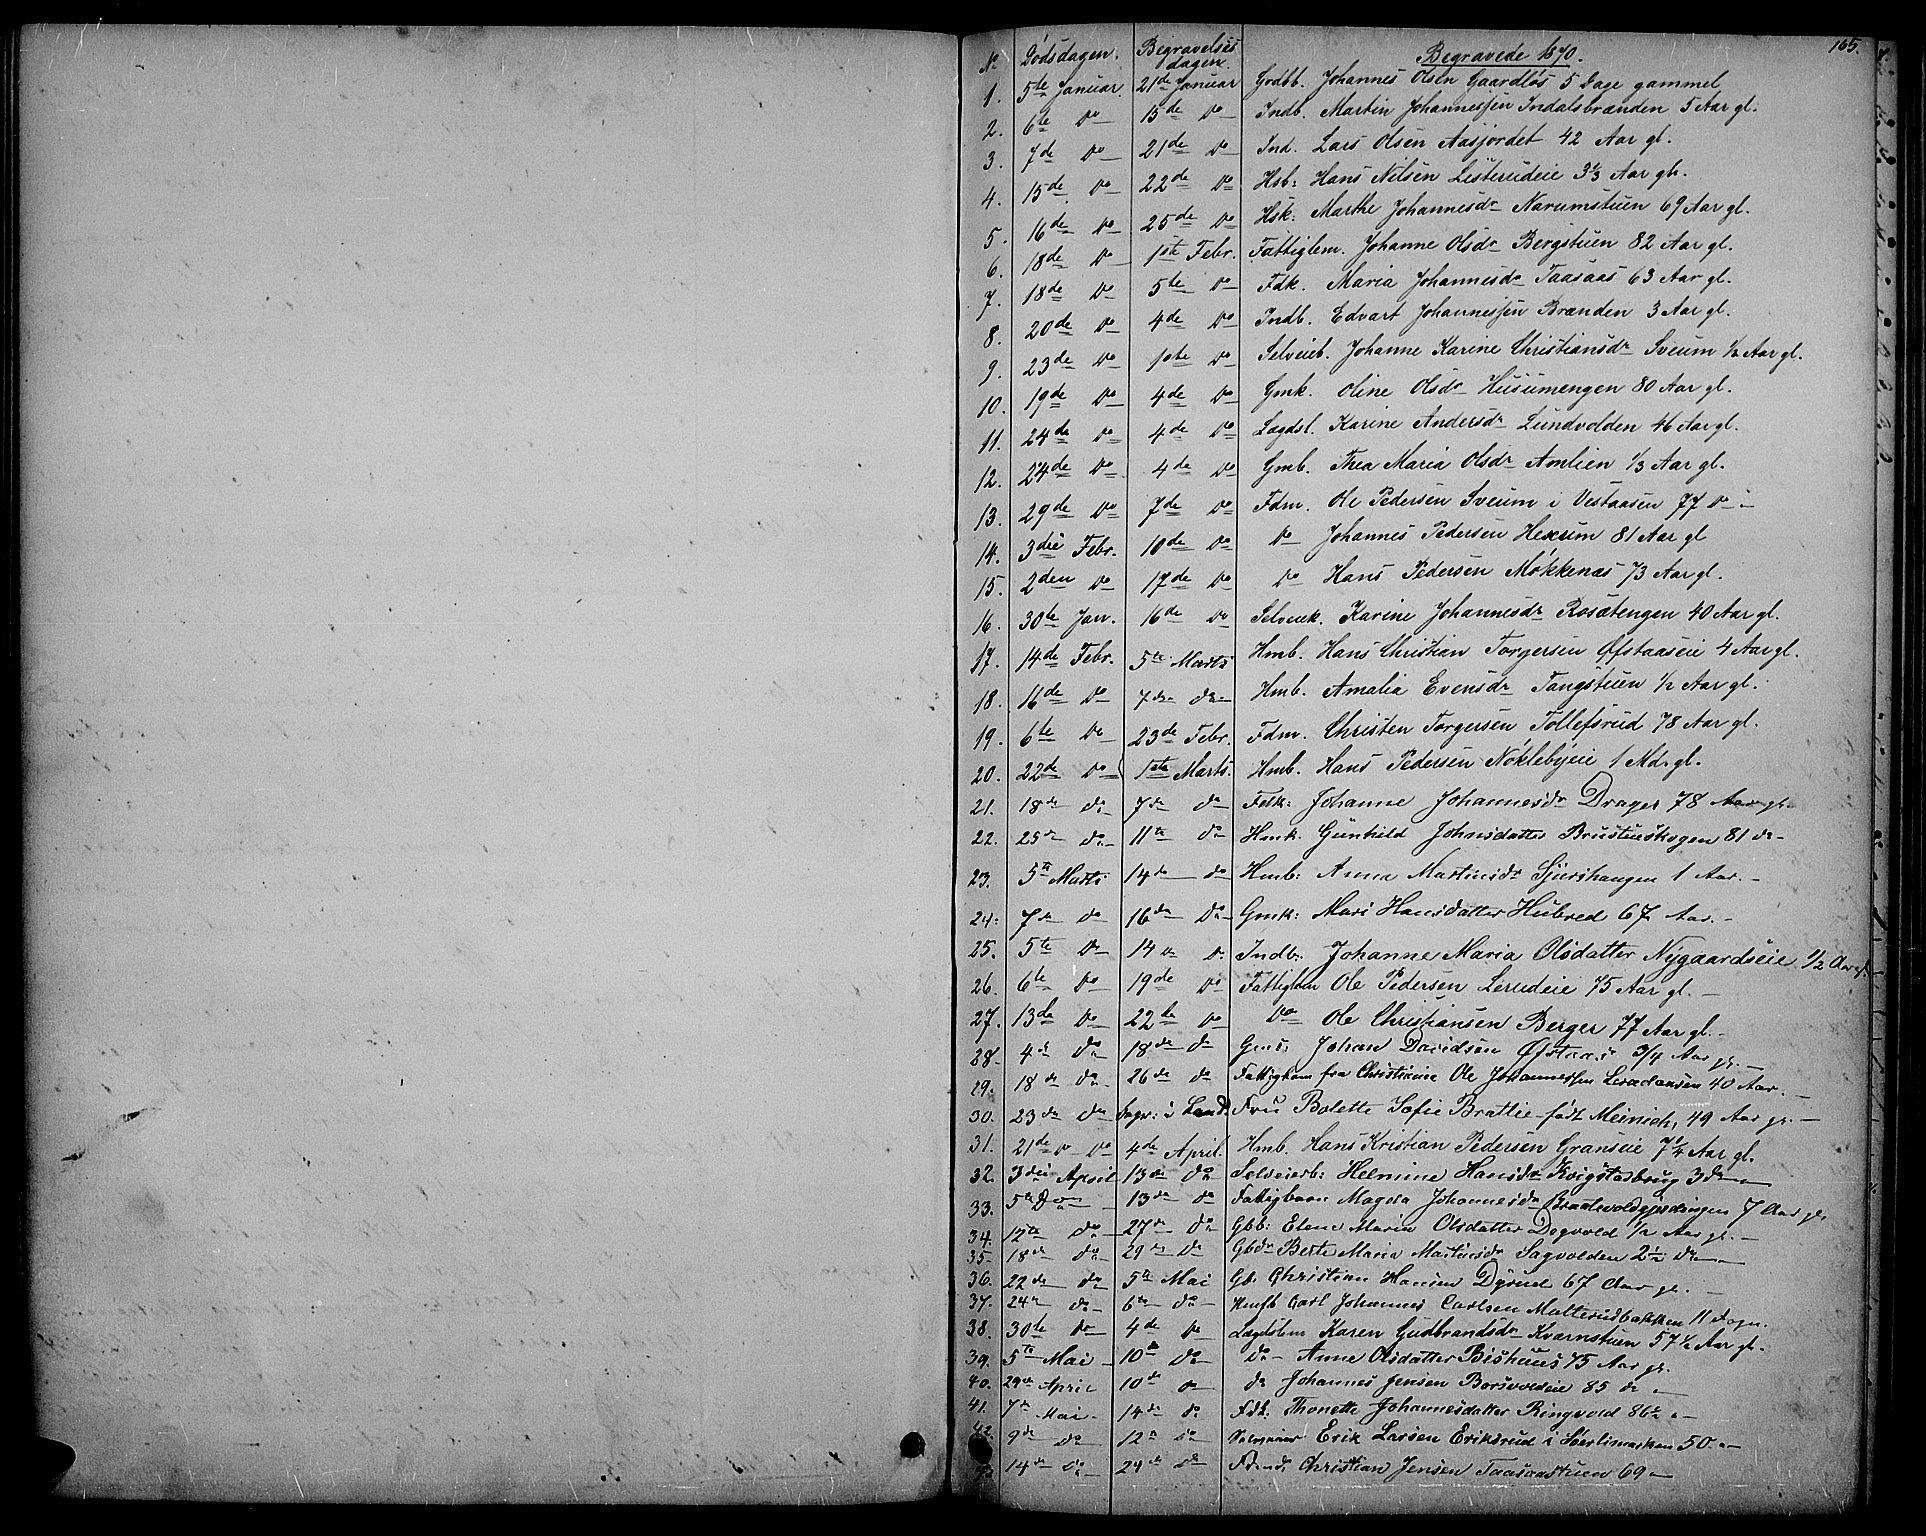 SAH, Vestre Toten prestekontor, H/Ha/Hab/L0006: Klokkerbok nr. 6, 1870-1887, s. 165